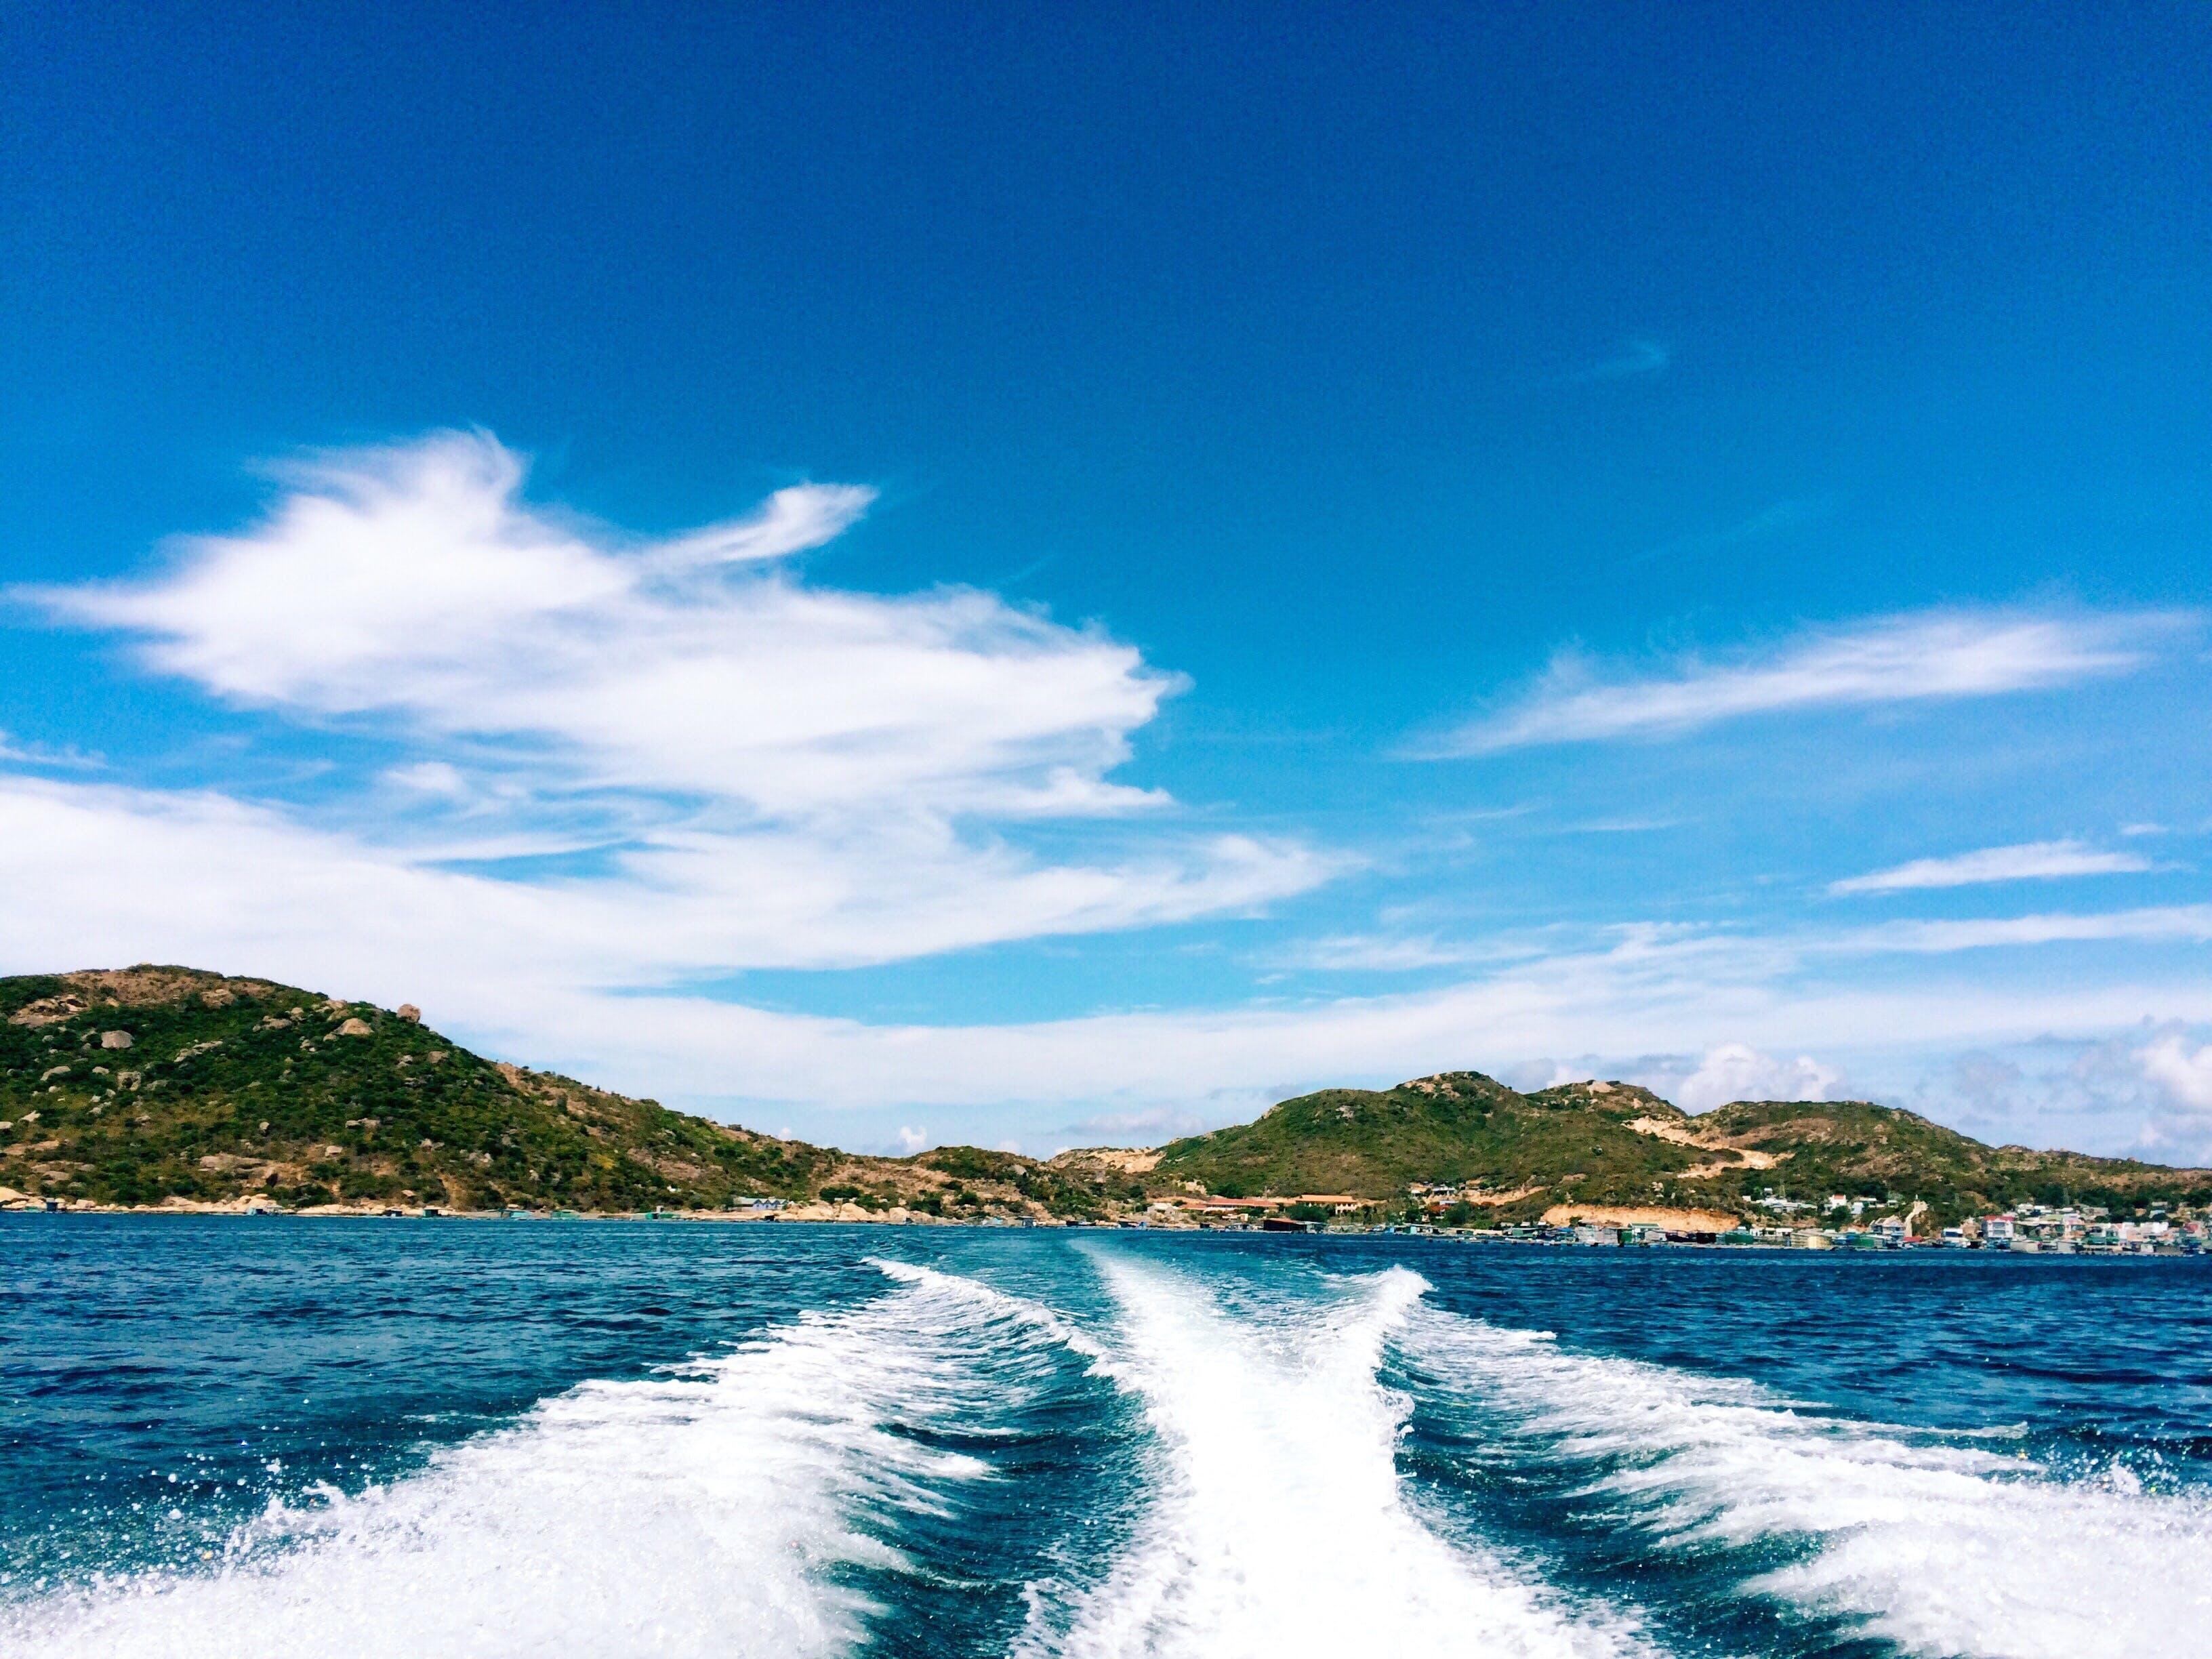 Δωρεάν στοκ φωτογραφιών με binh ba νησί